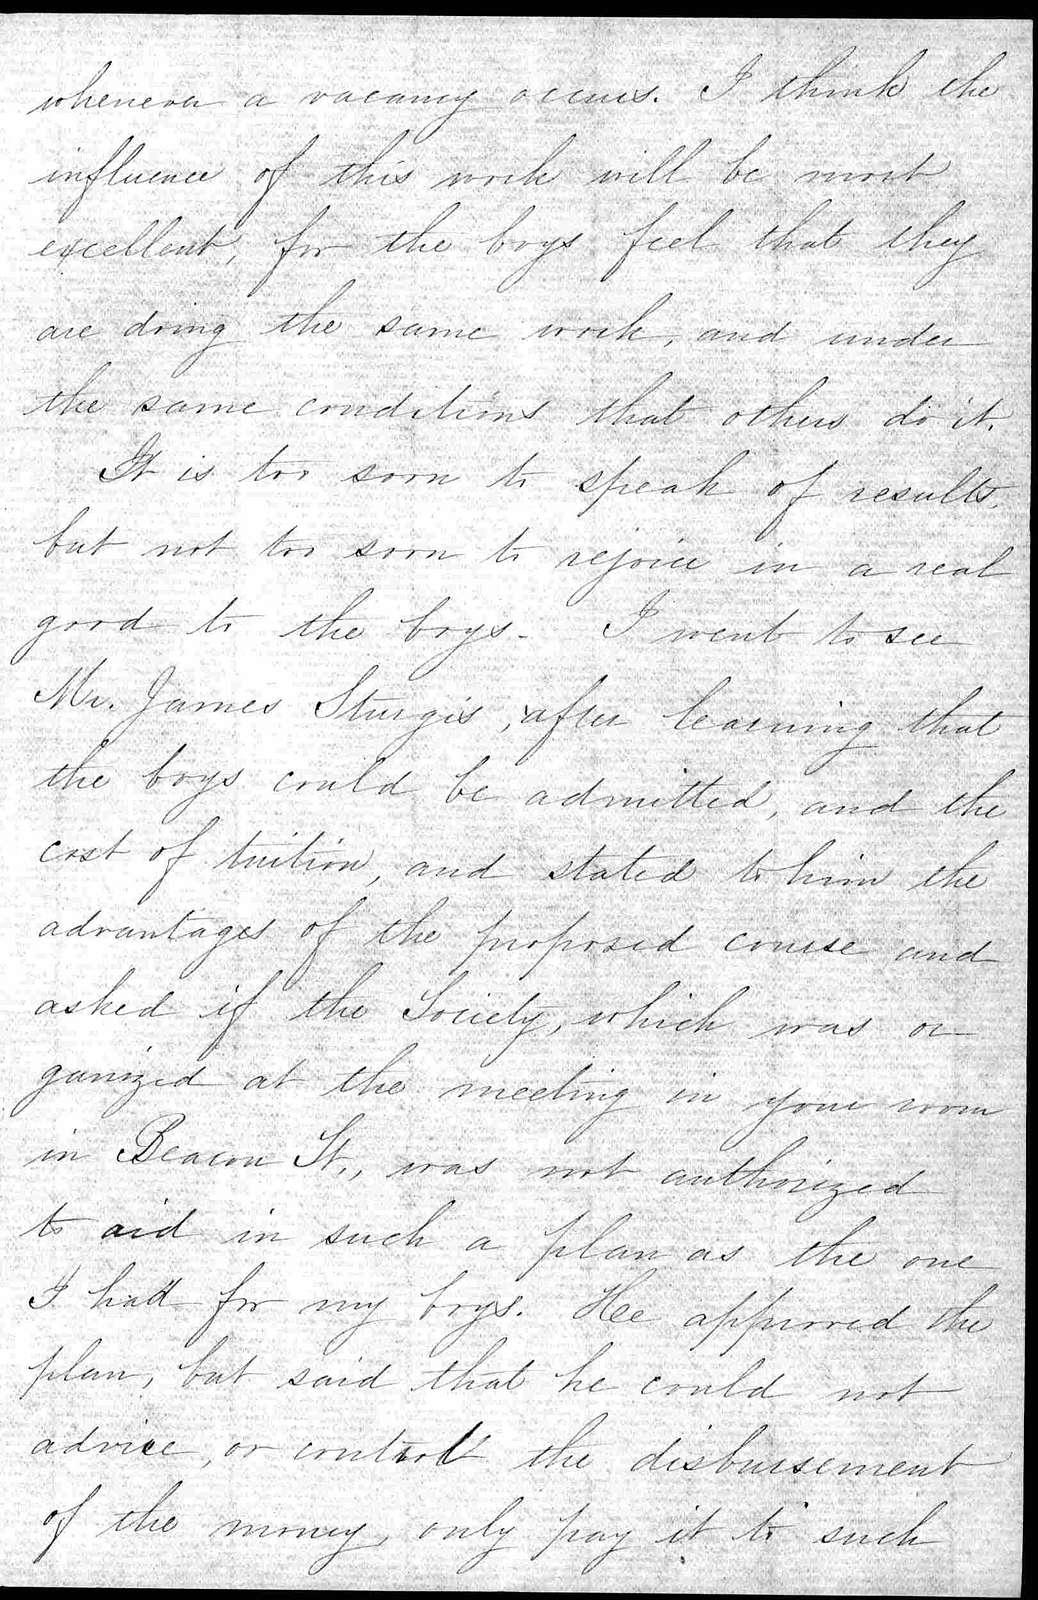 Letter from Sarah Fuller to Alexander Graham Bell, November 14, 1881